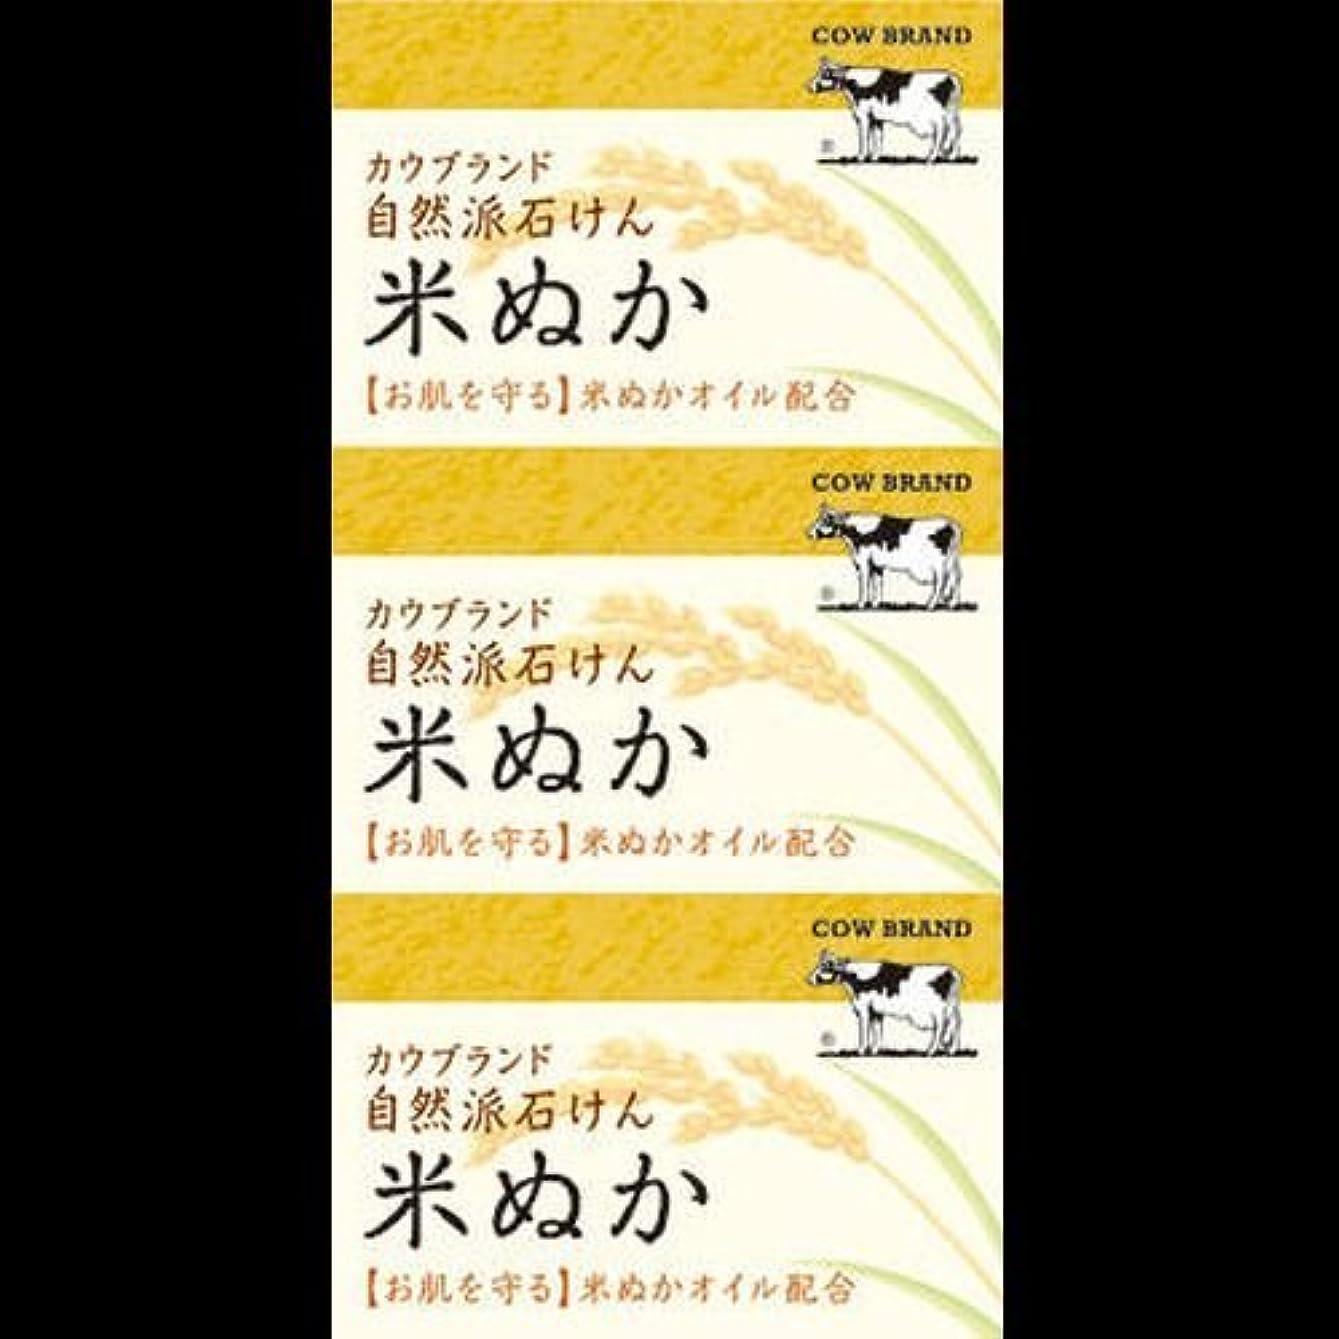 本質的に最適避けられない【まとめ買い】カウブランド 自然派石けん 米ぬか 100g*3個 ×2セット